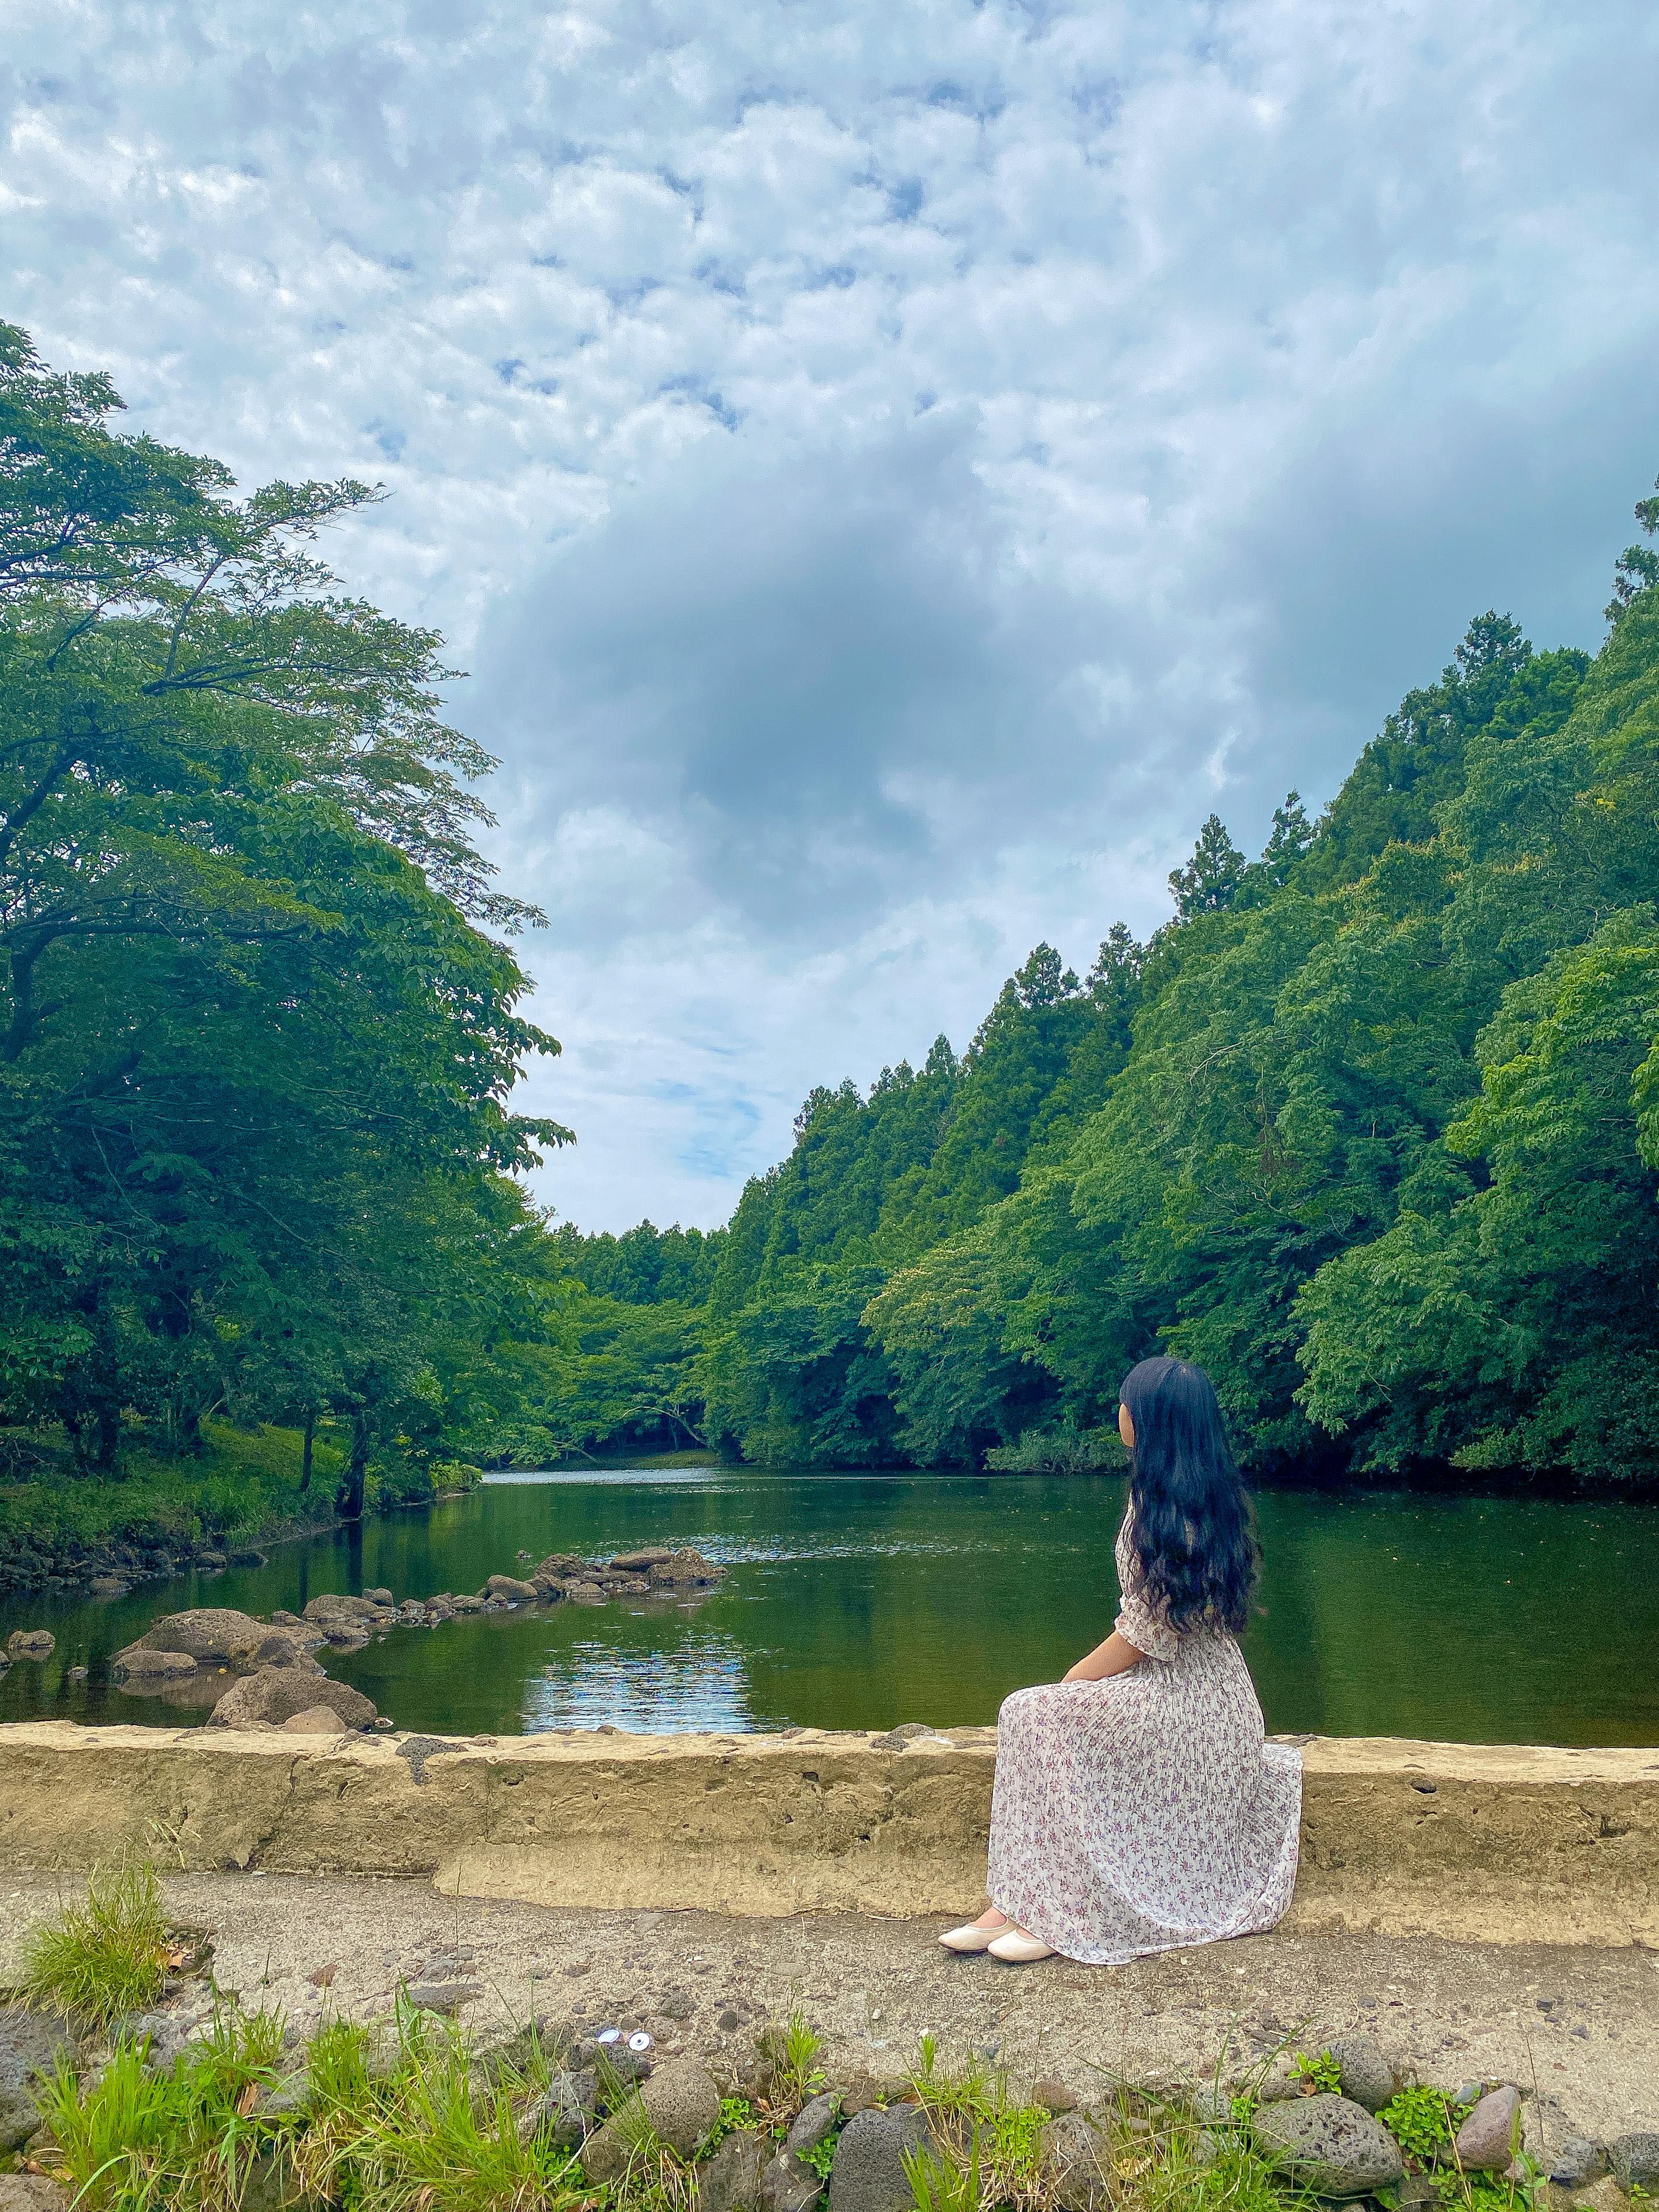 둑길 기준 왼쪽 오른쪽 풍경이 다르다.